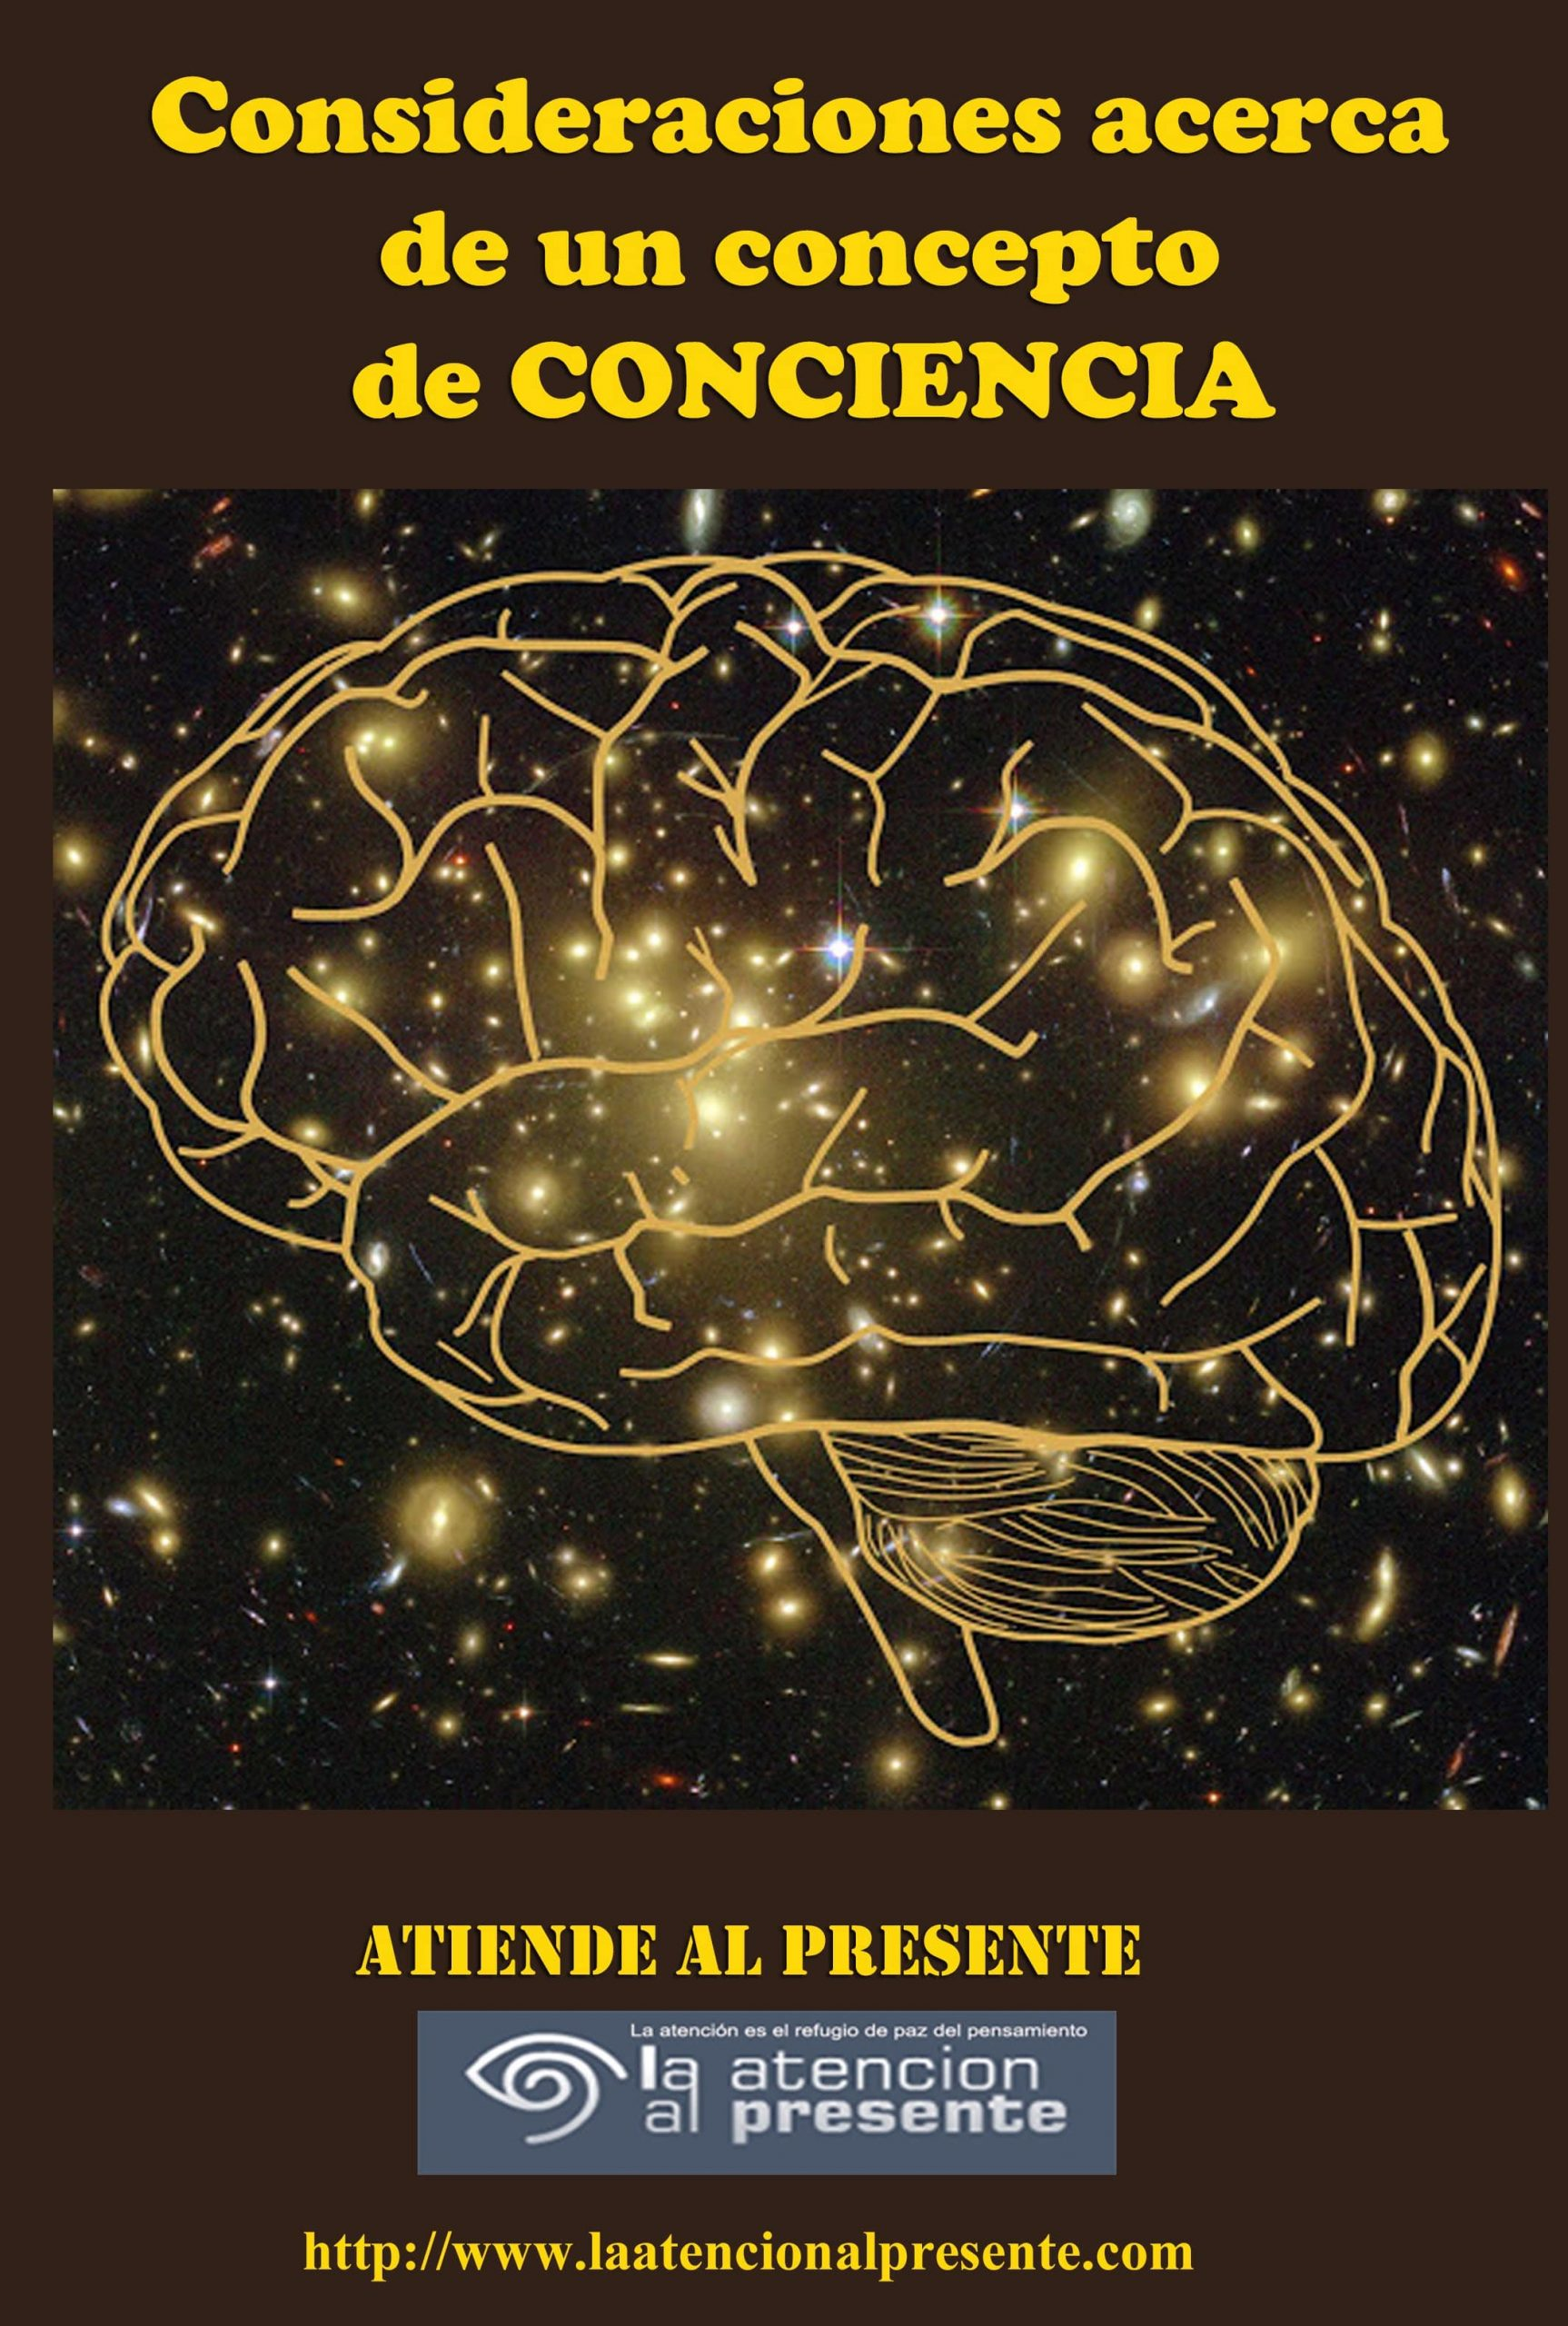 28 de setiembre Esteban Consideraciones acerca de la madurez al vivir atento al presente min scaled